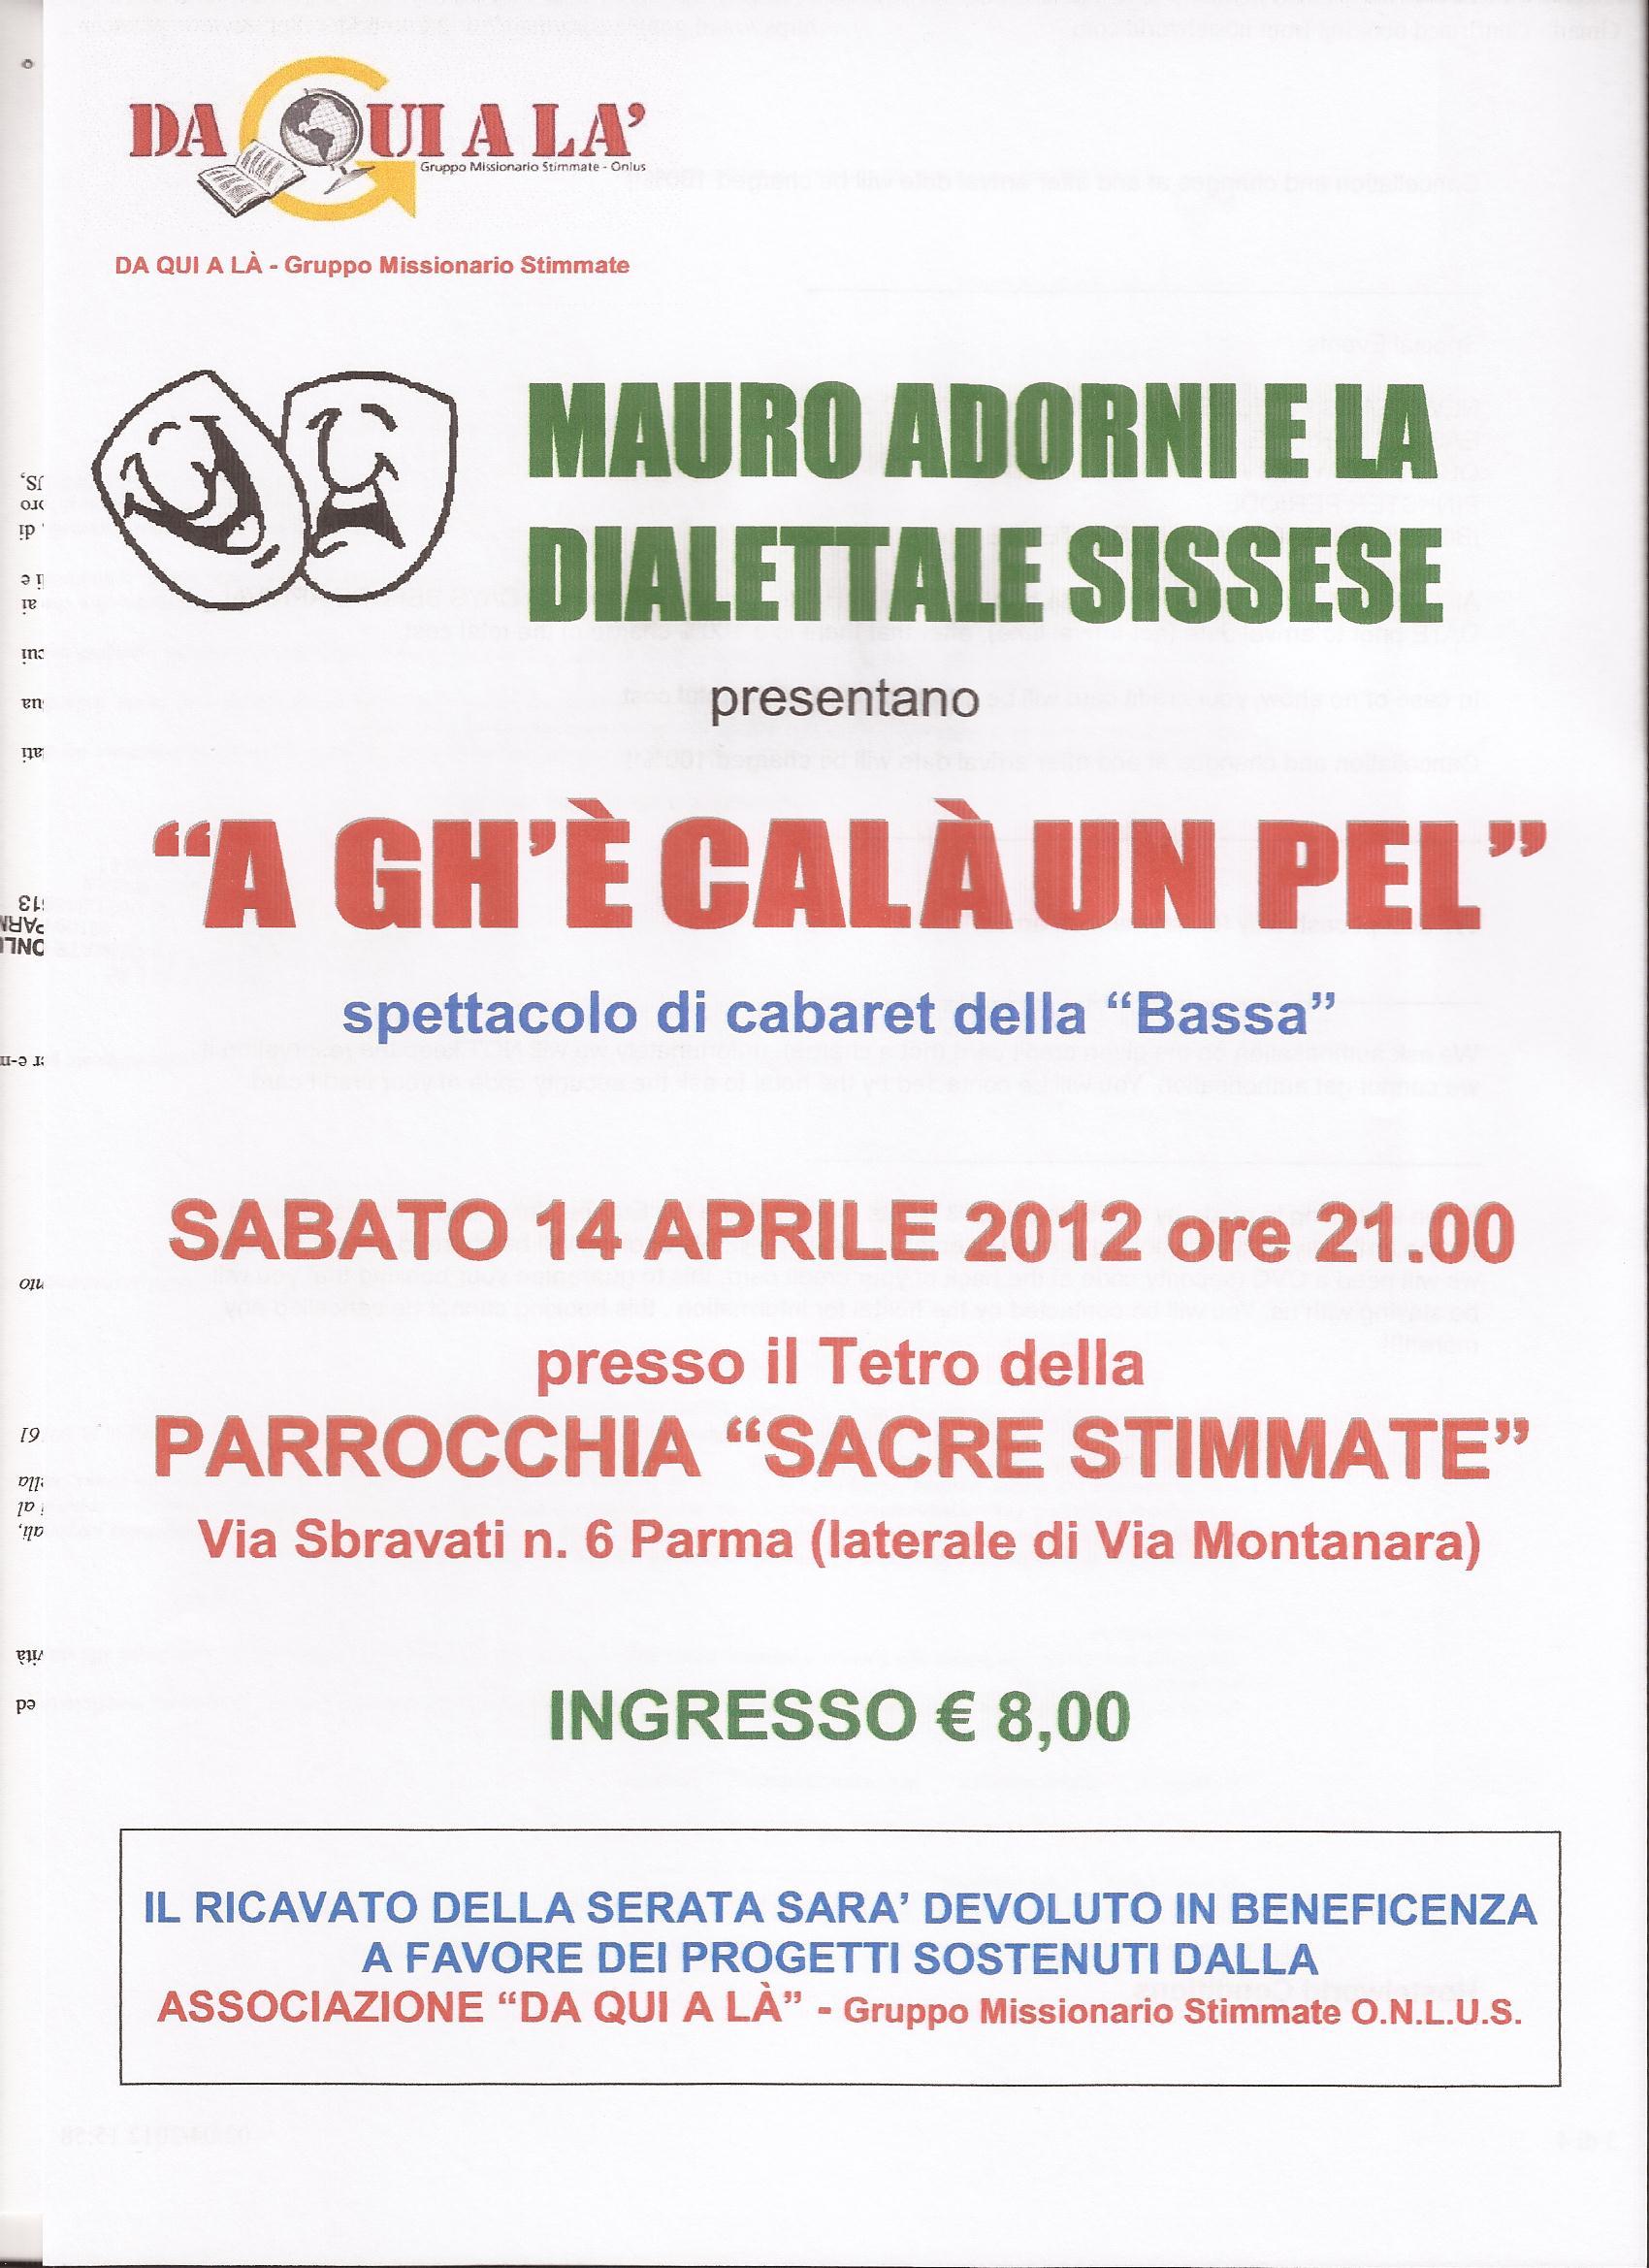 Mauro Adorni e la dialettale Sissese a favore dell'ass. Daquialà